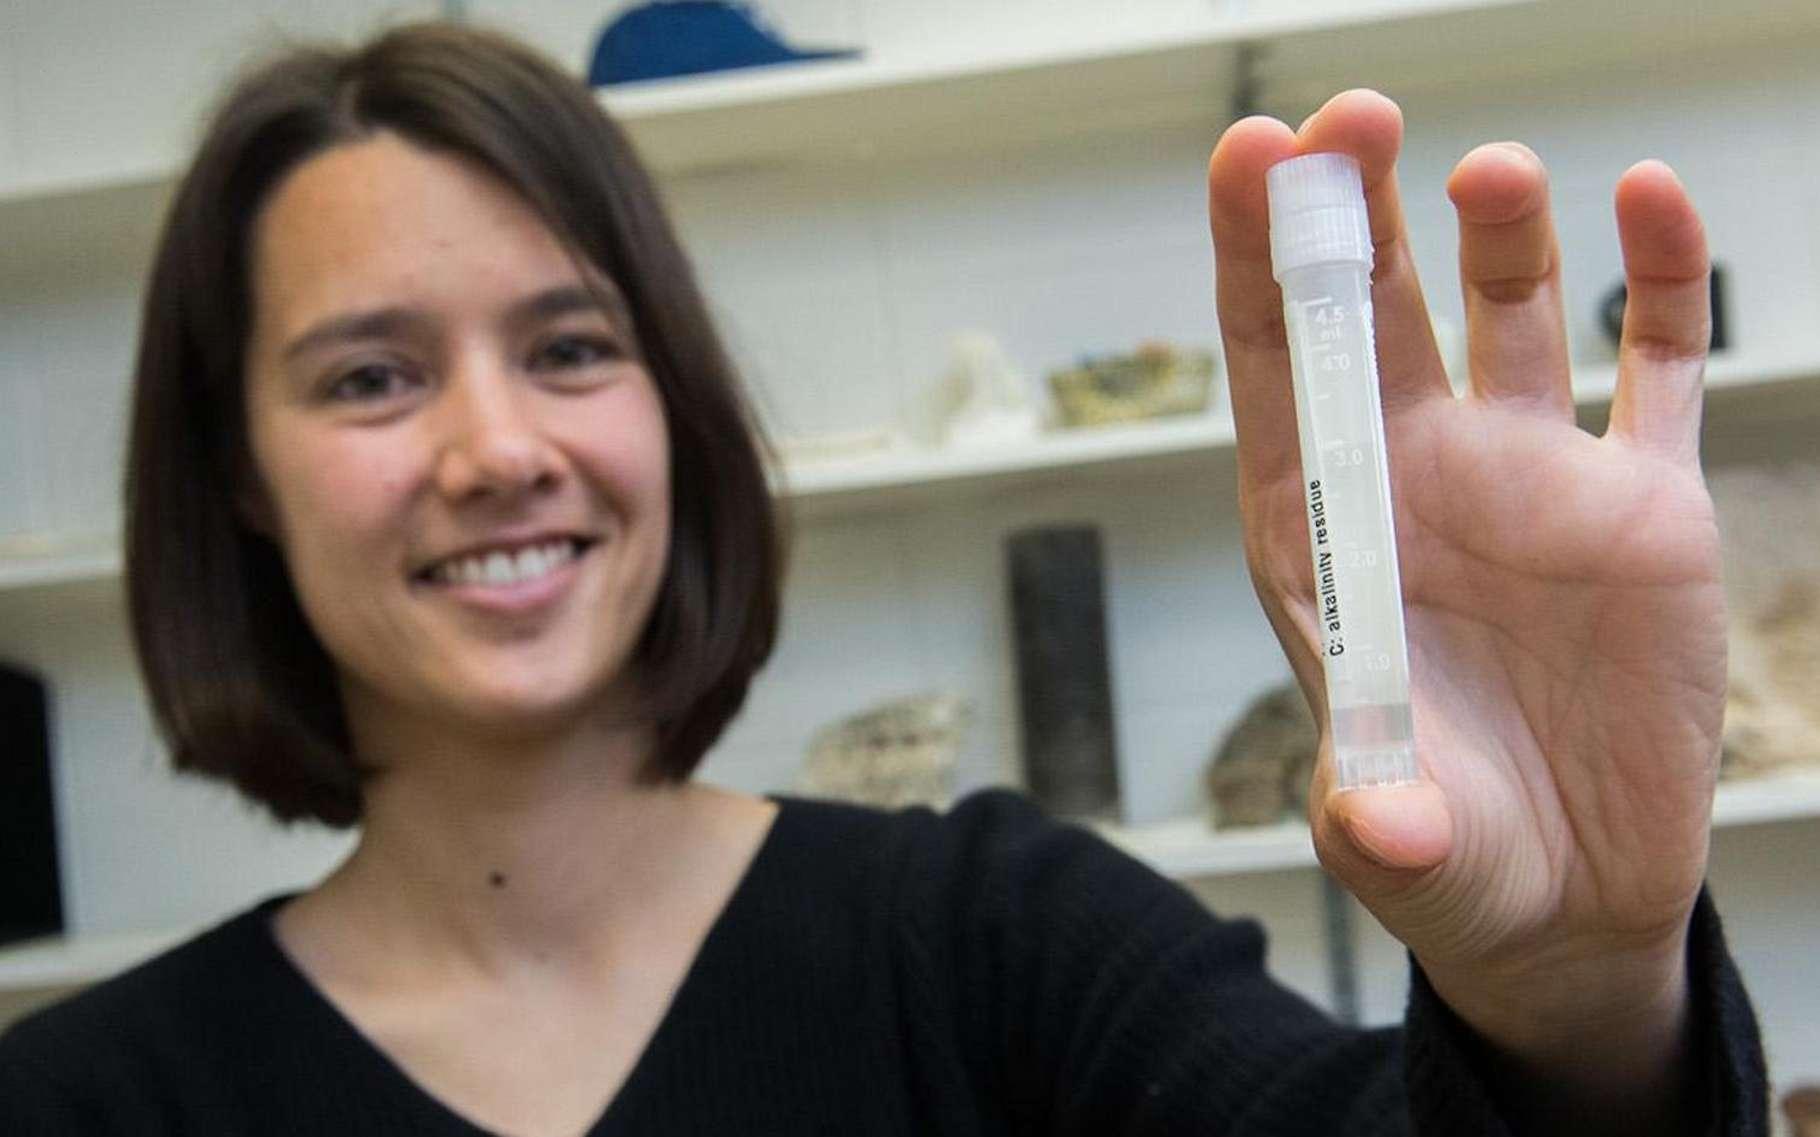 Des chercheurs de l'université de Chicago ont découvert des poches d'eau de mer datant de la période glaciaire, nichées dans des formations rocheuses au milieu de l'océan Indien. © Jean Lachat, université de Chicago